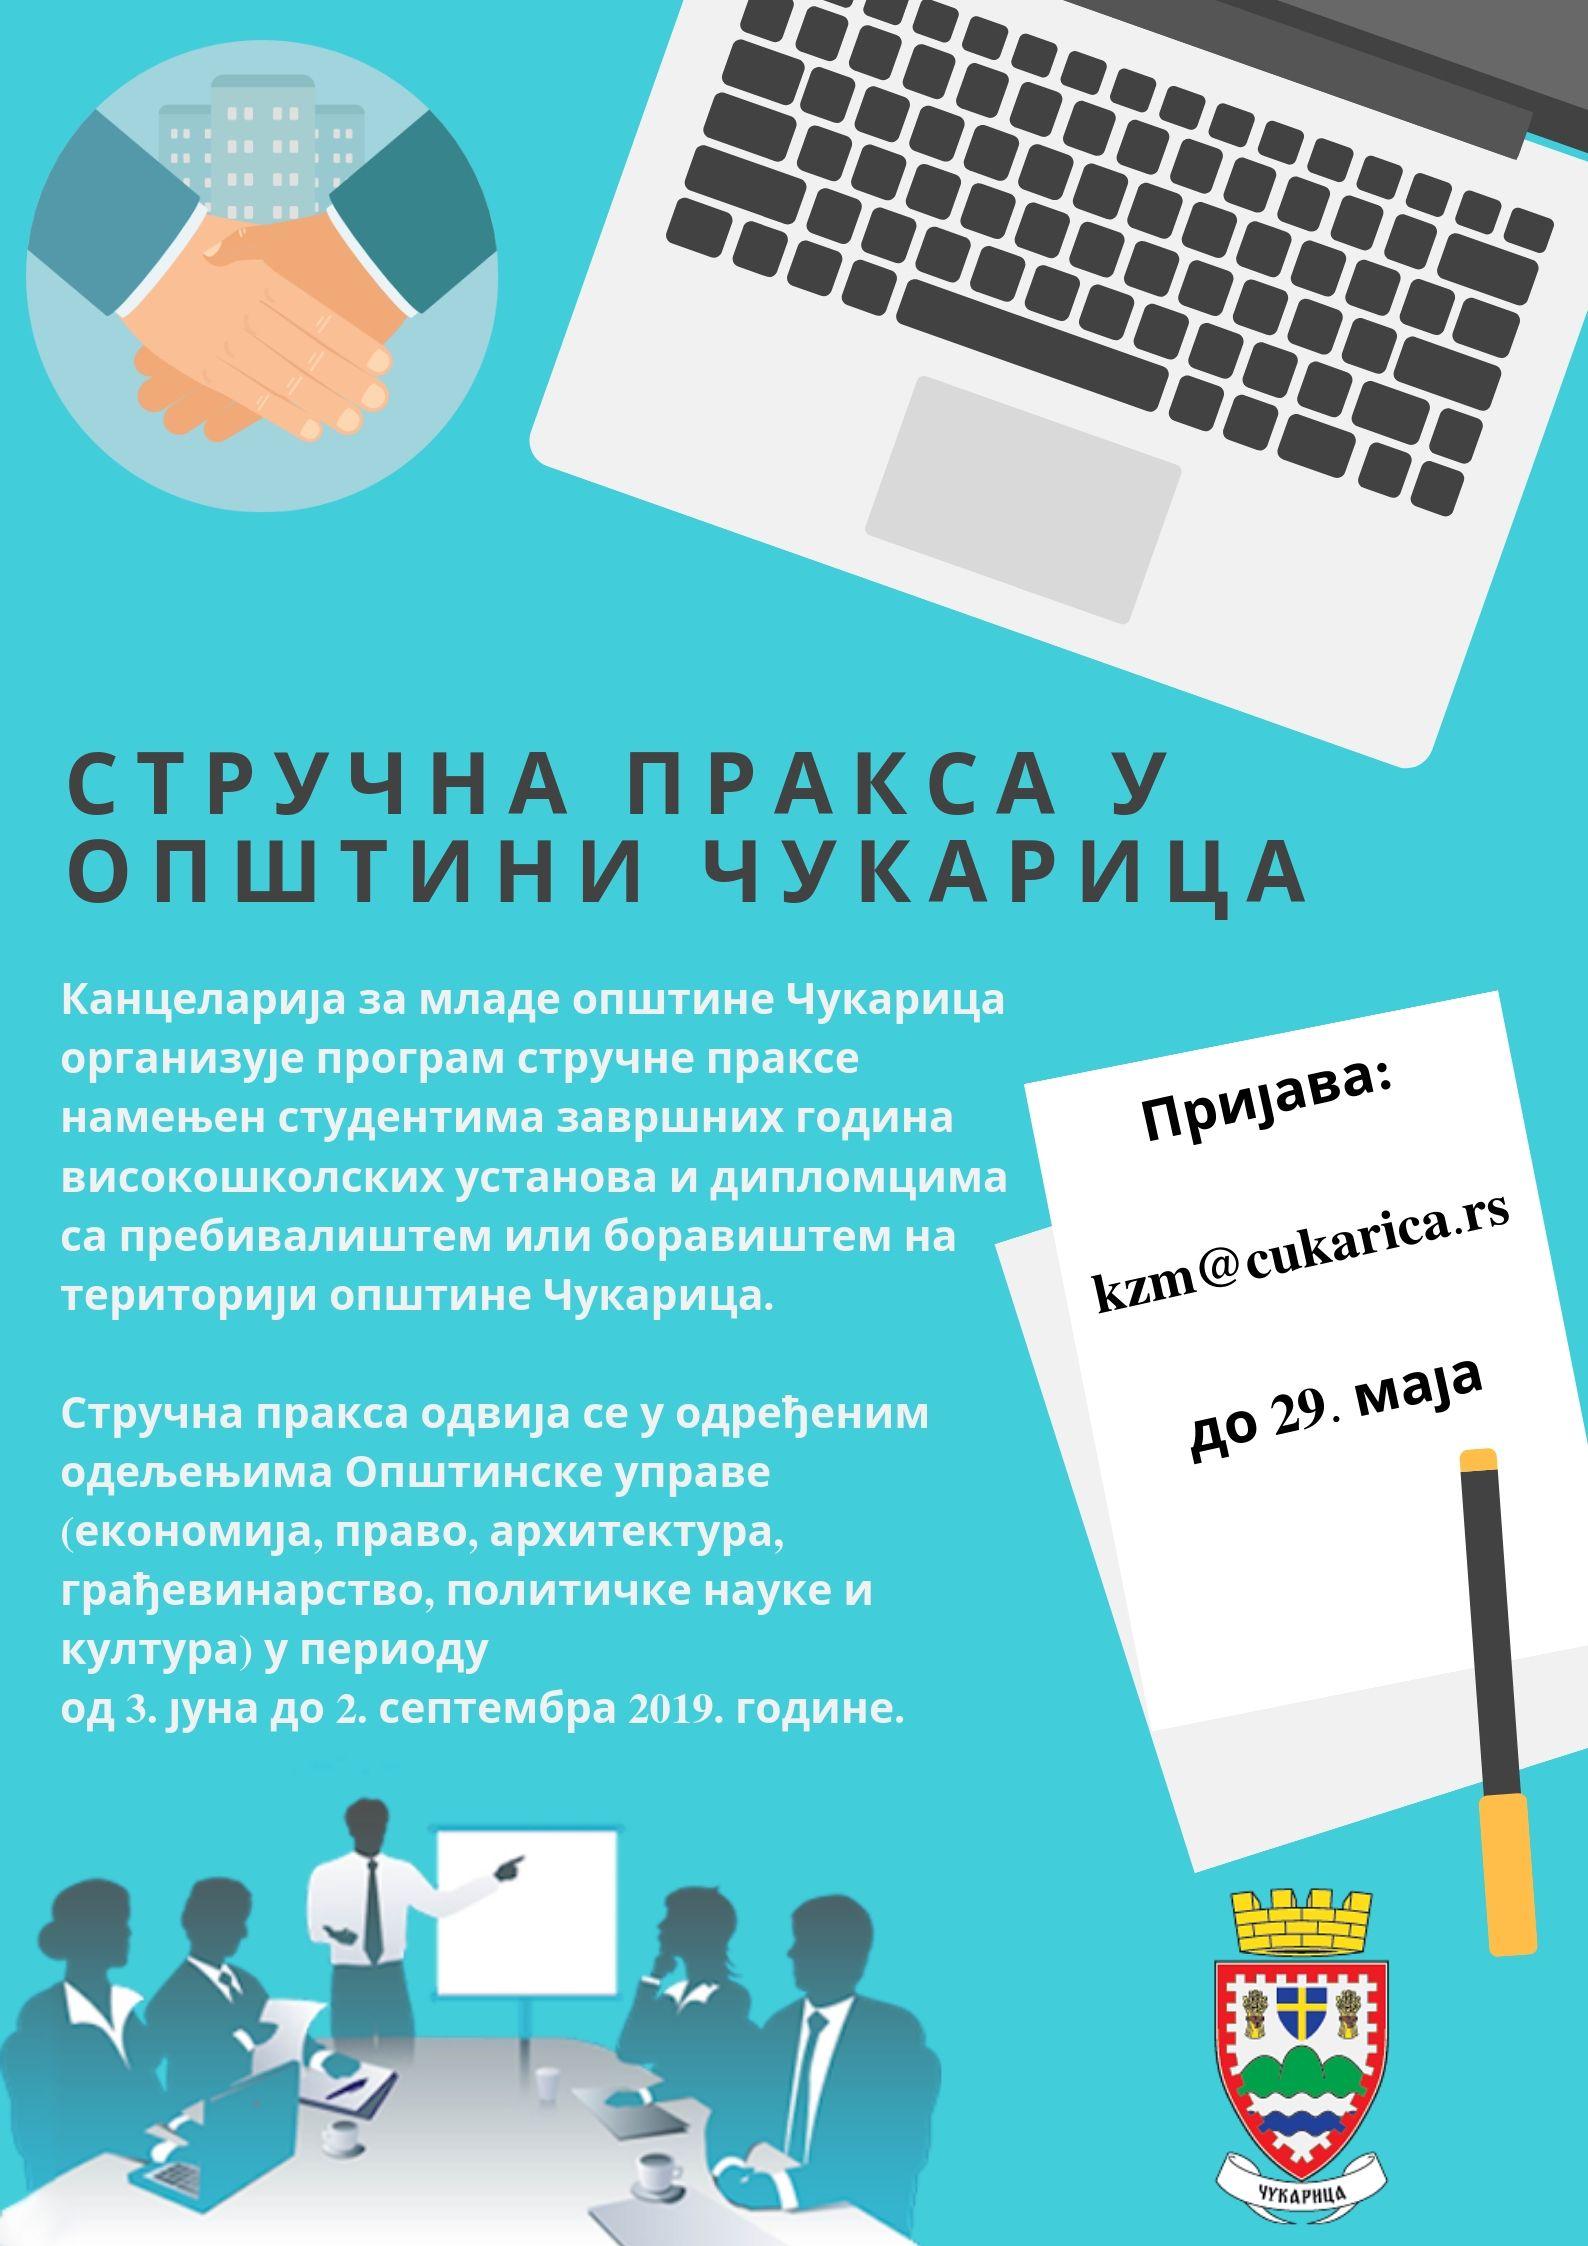 Praksa_Opstina_Cukarica_Maj_2019_opt